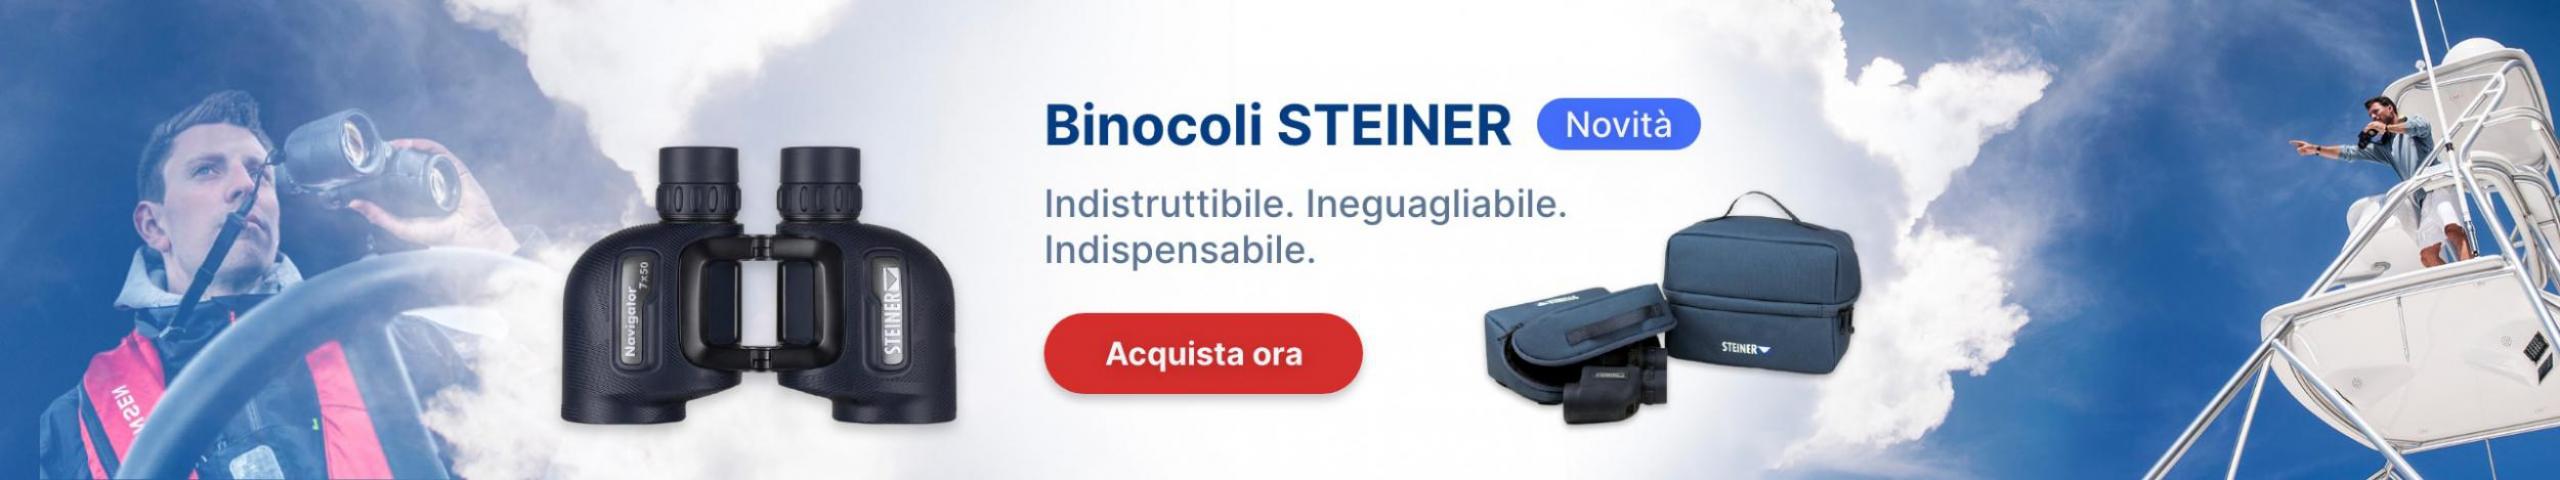 Steiner promo